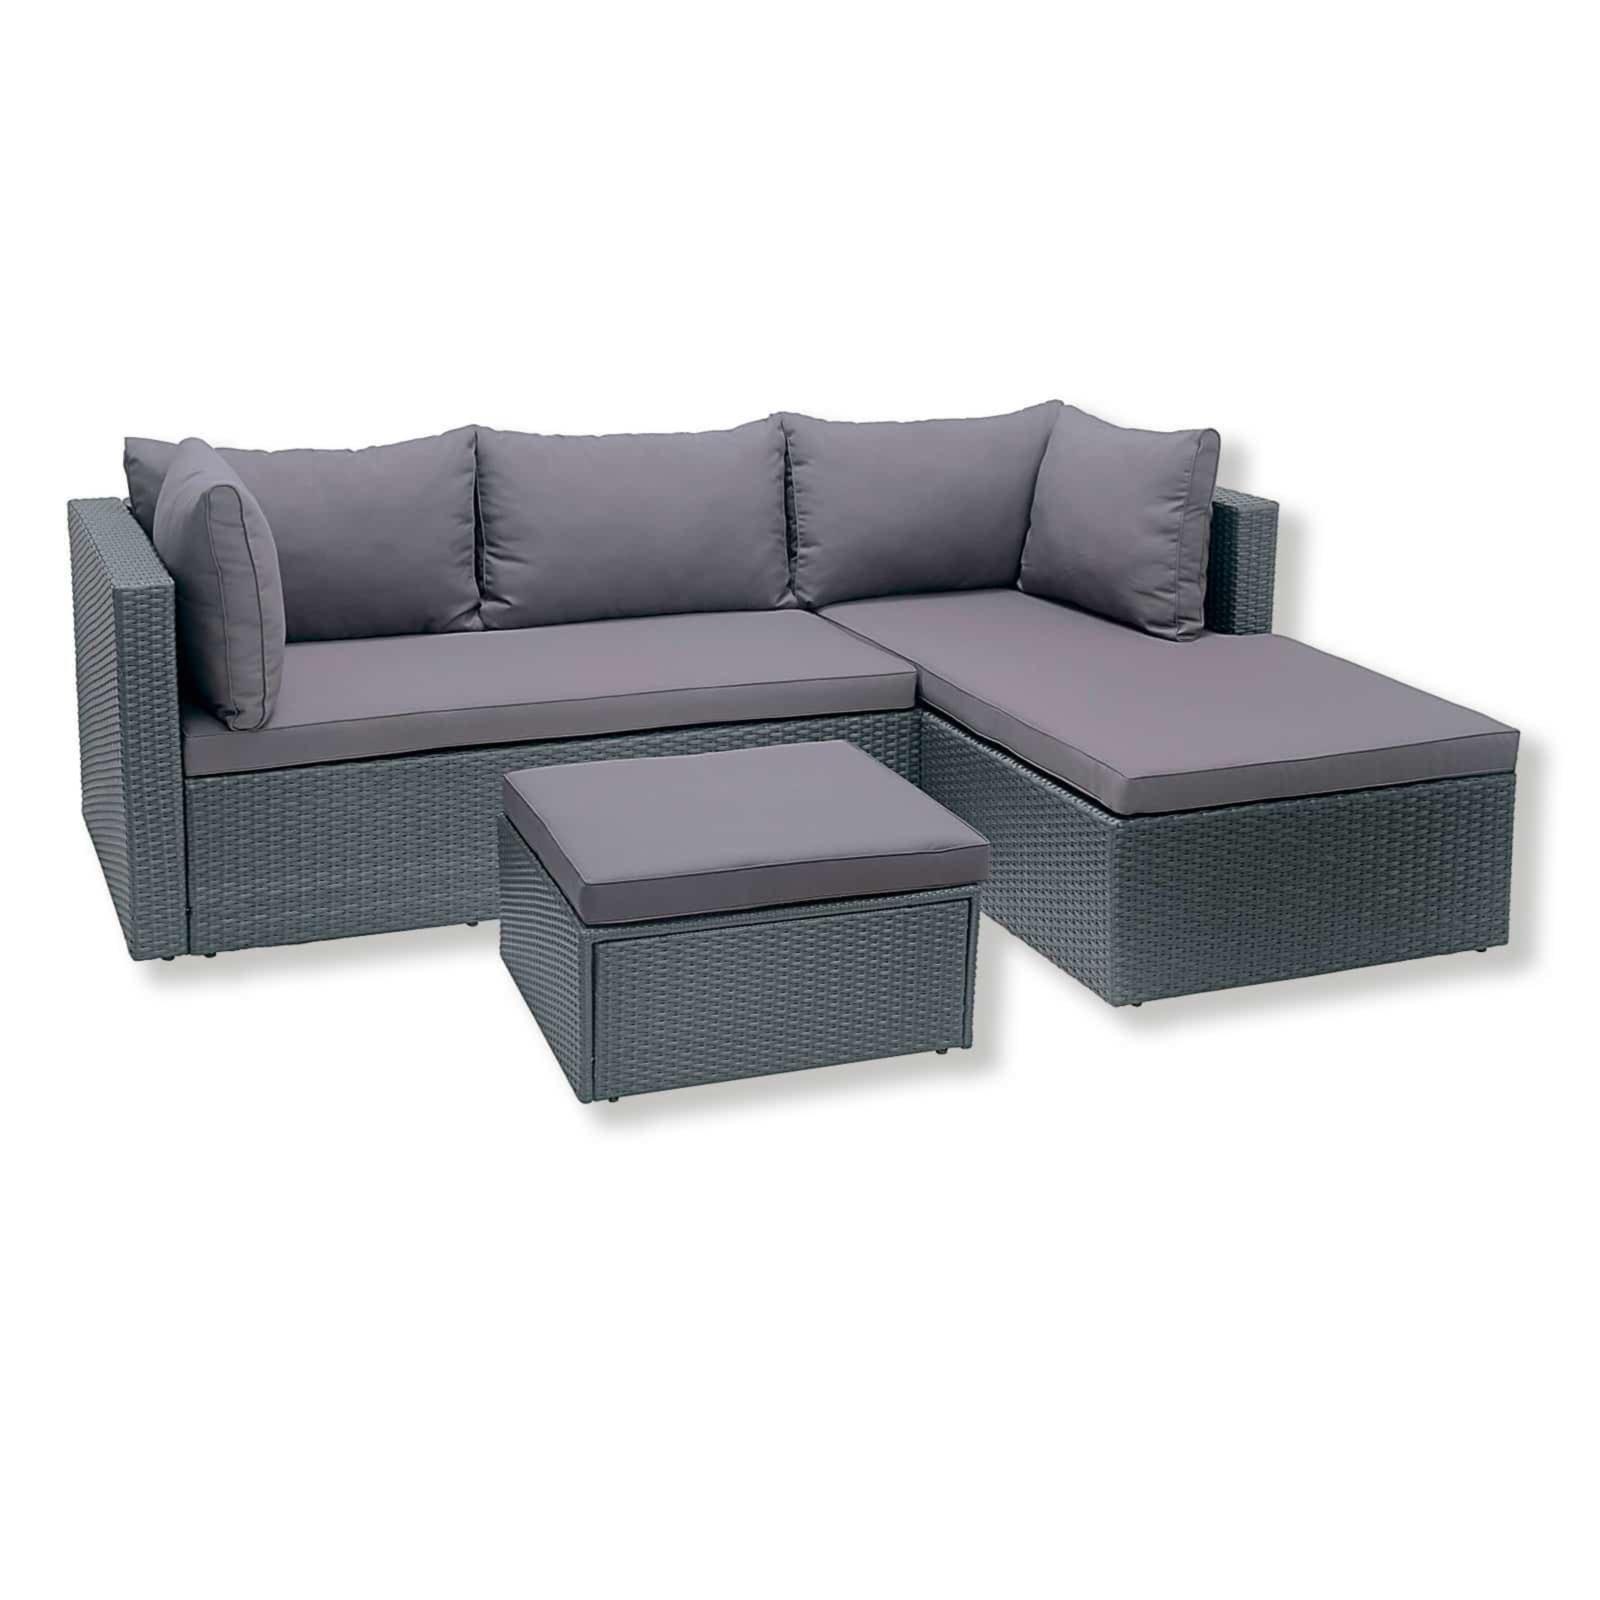 Gardiola Lounge Sitzgruppe - grau - inklusive Kissen   Garten ...